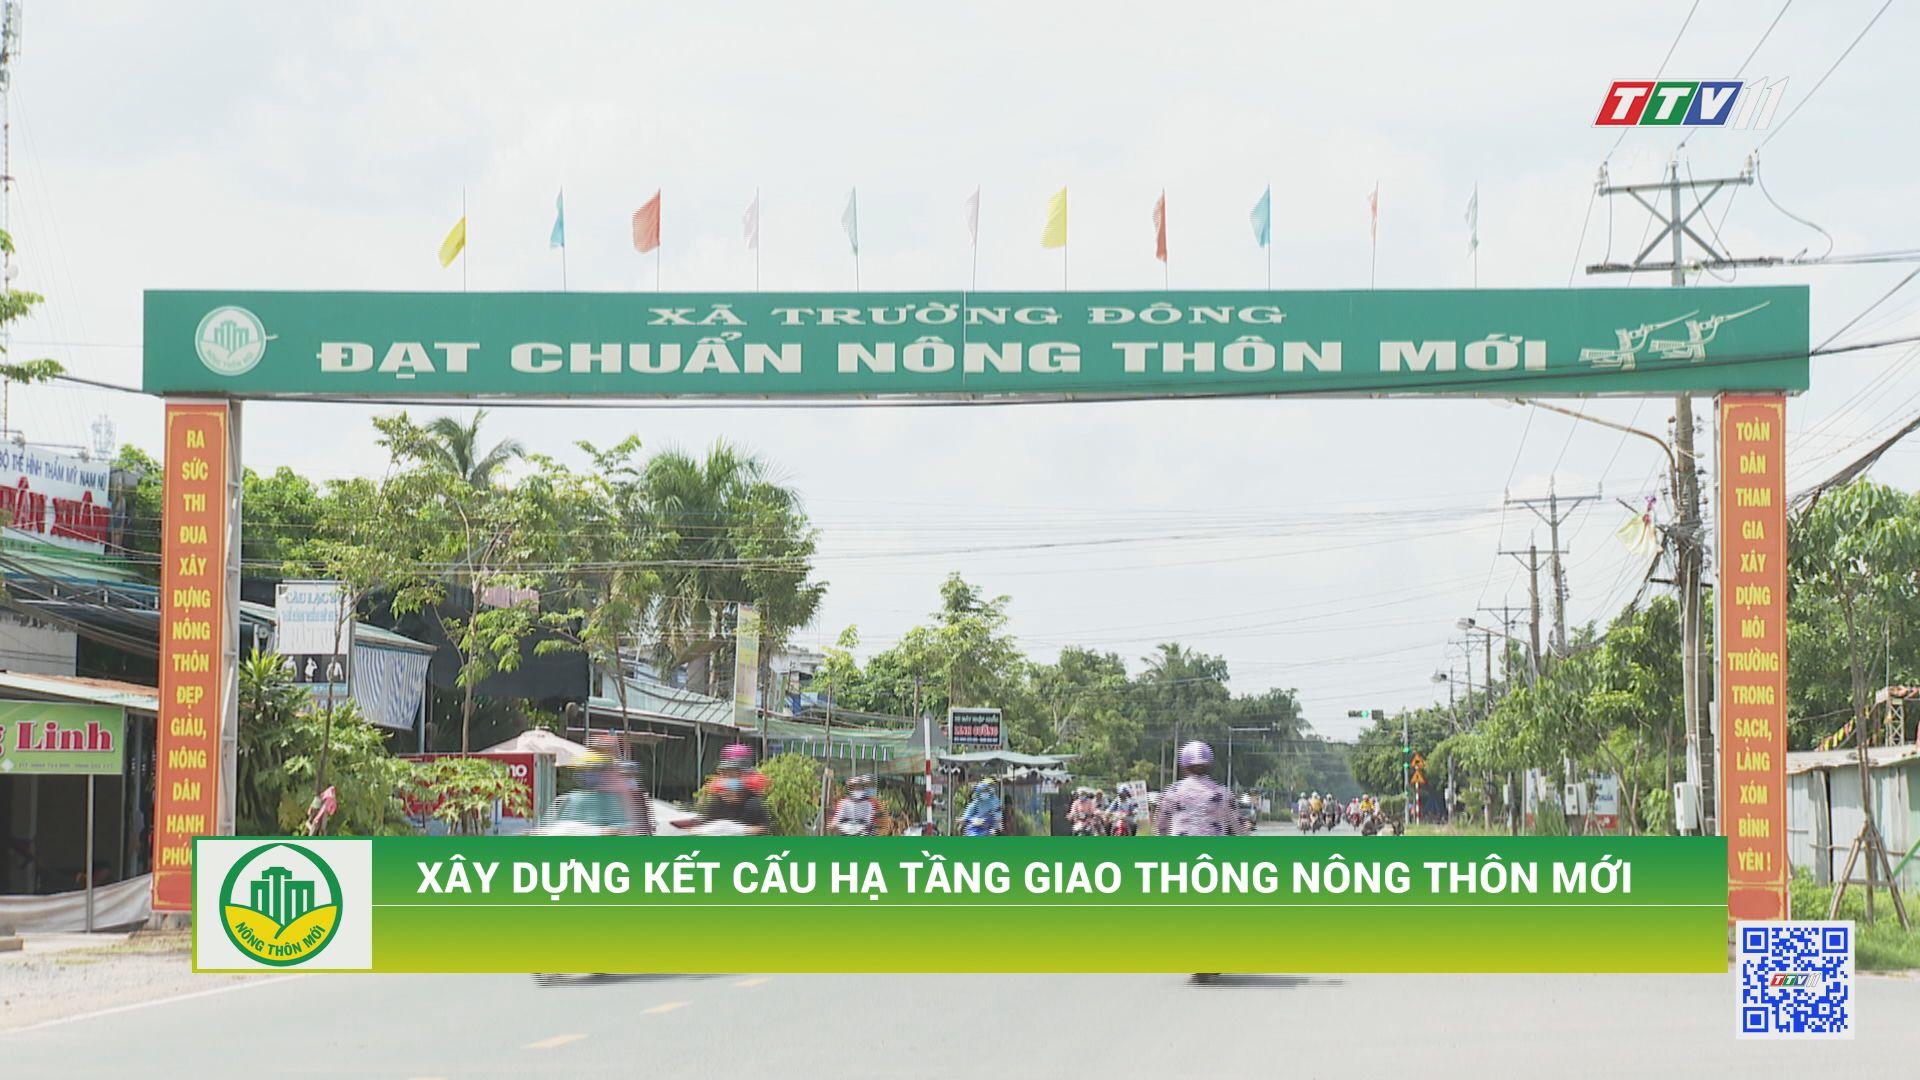 Xây dựng kết cấu hạ tầng giao thông nông thôn mới | TÂY NINH XÂY DỰNG NÔNG THÔN MỚI | TayNinhTV